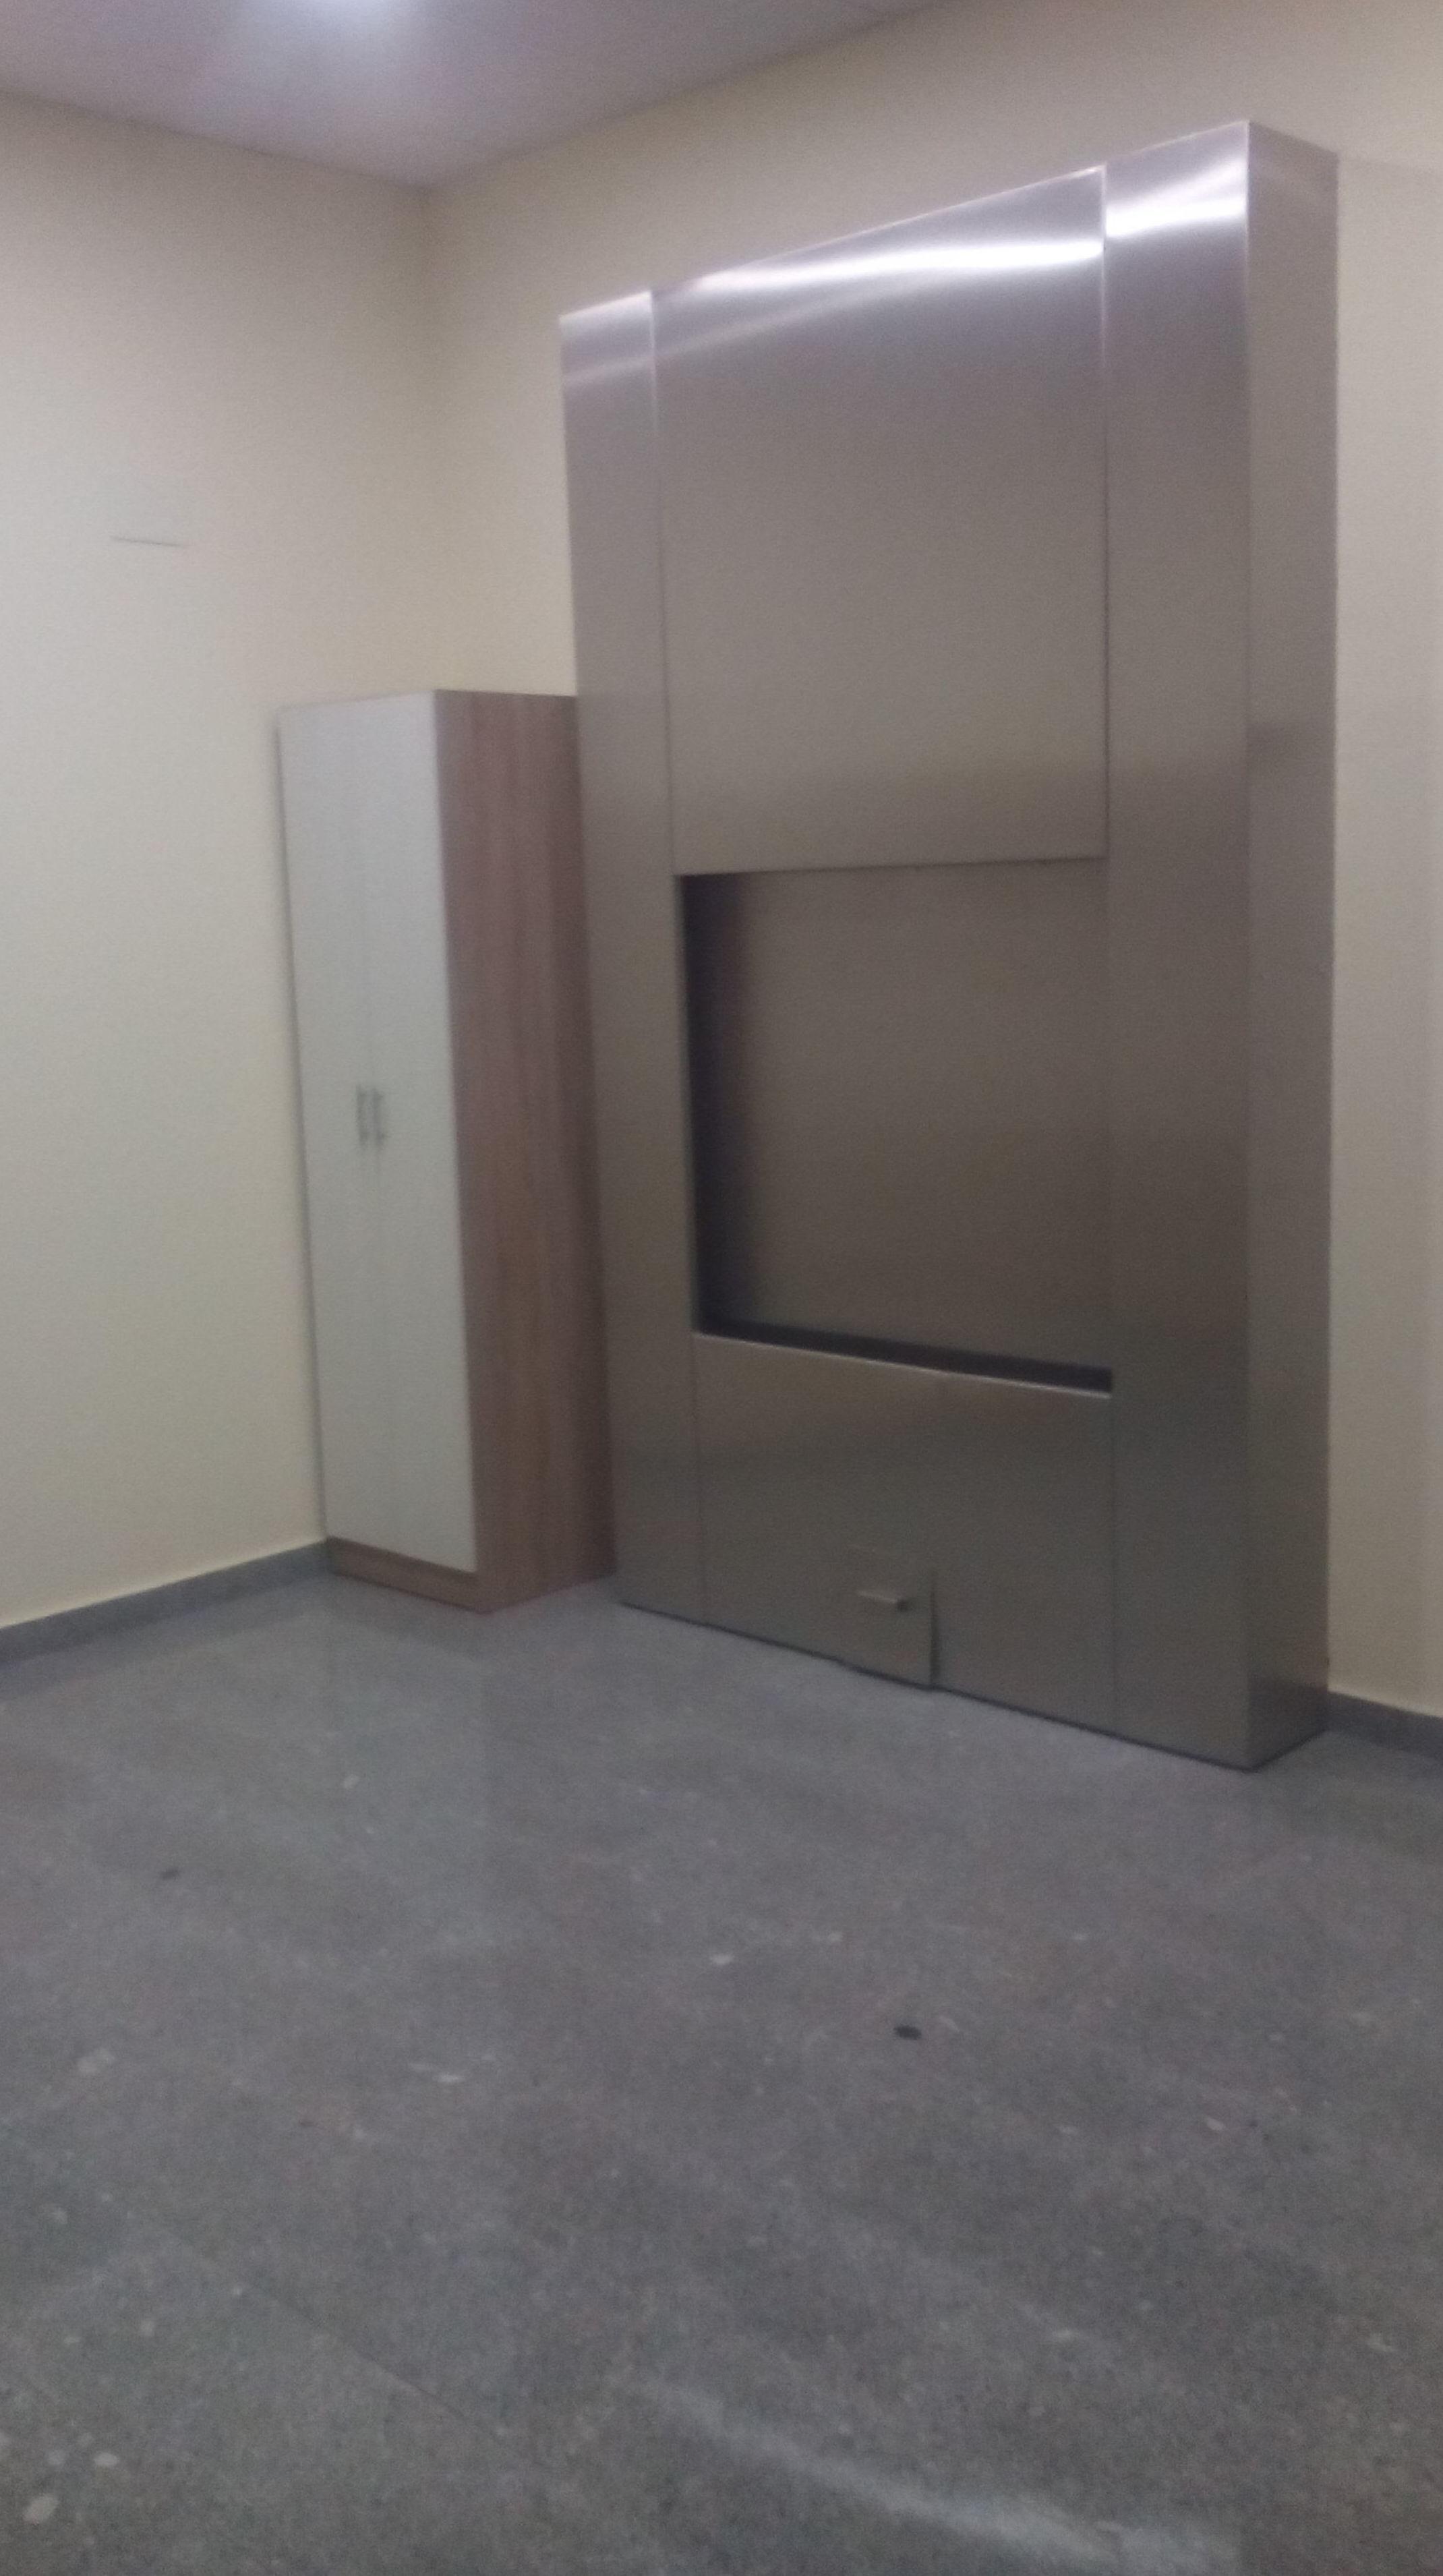 Crematorio: Qué ofrecemos de Funeraria, Velatorio en Guardo San Antonio, Crematorio